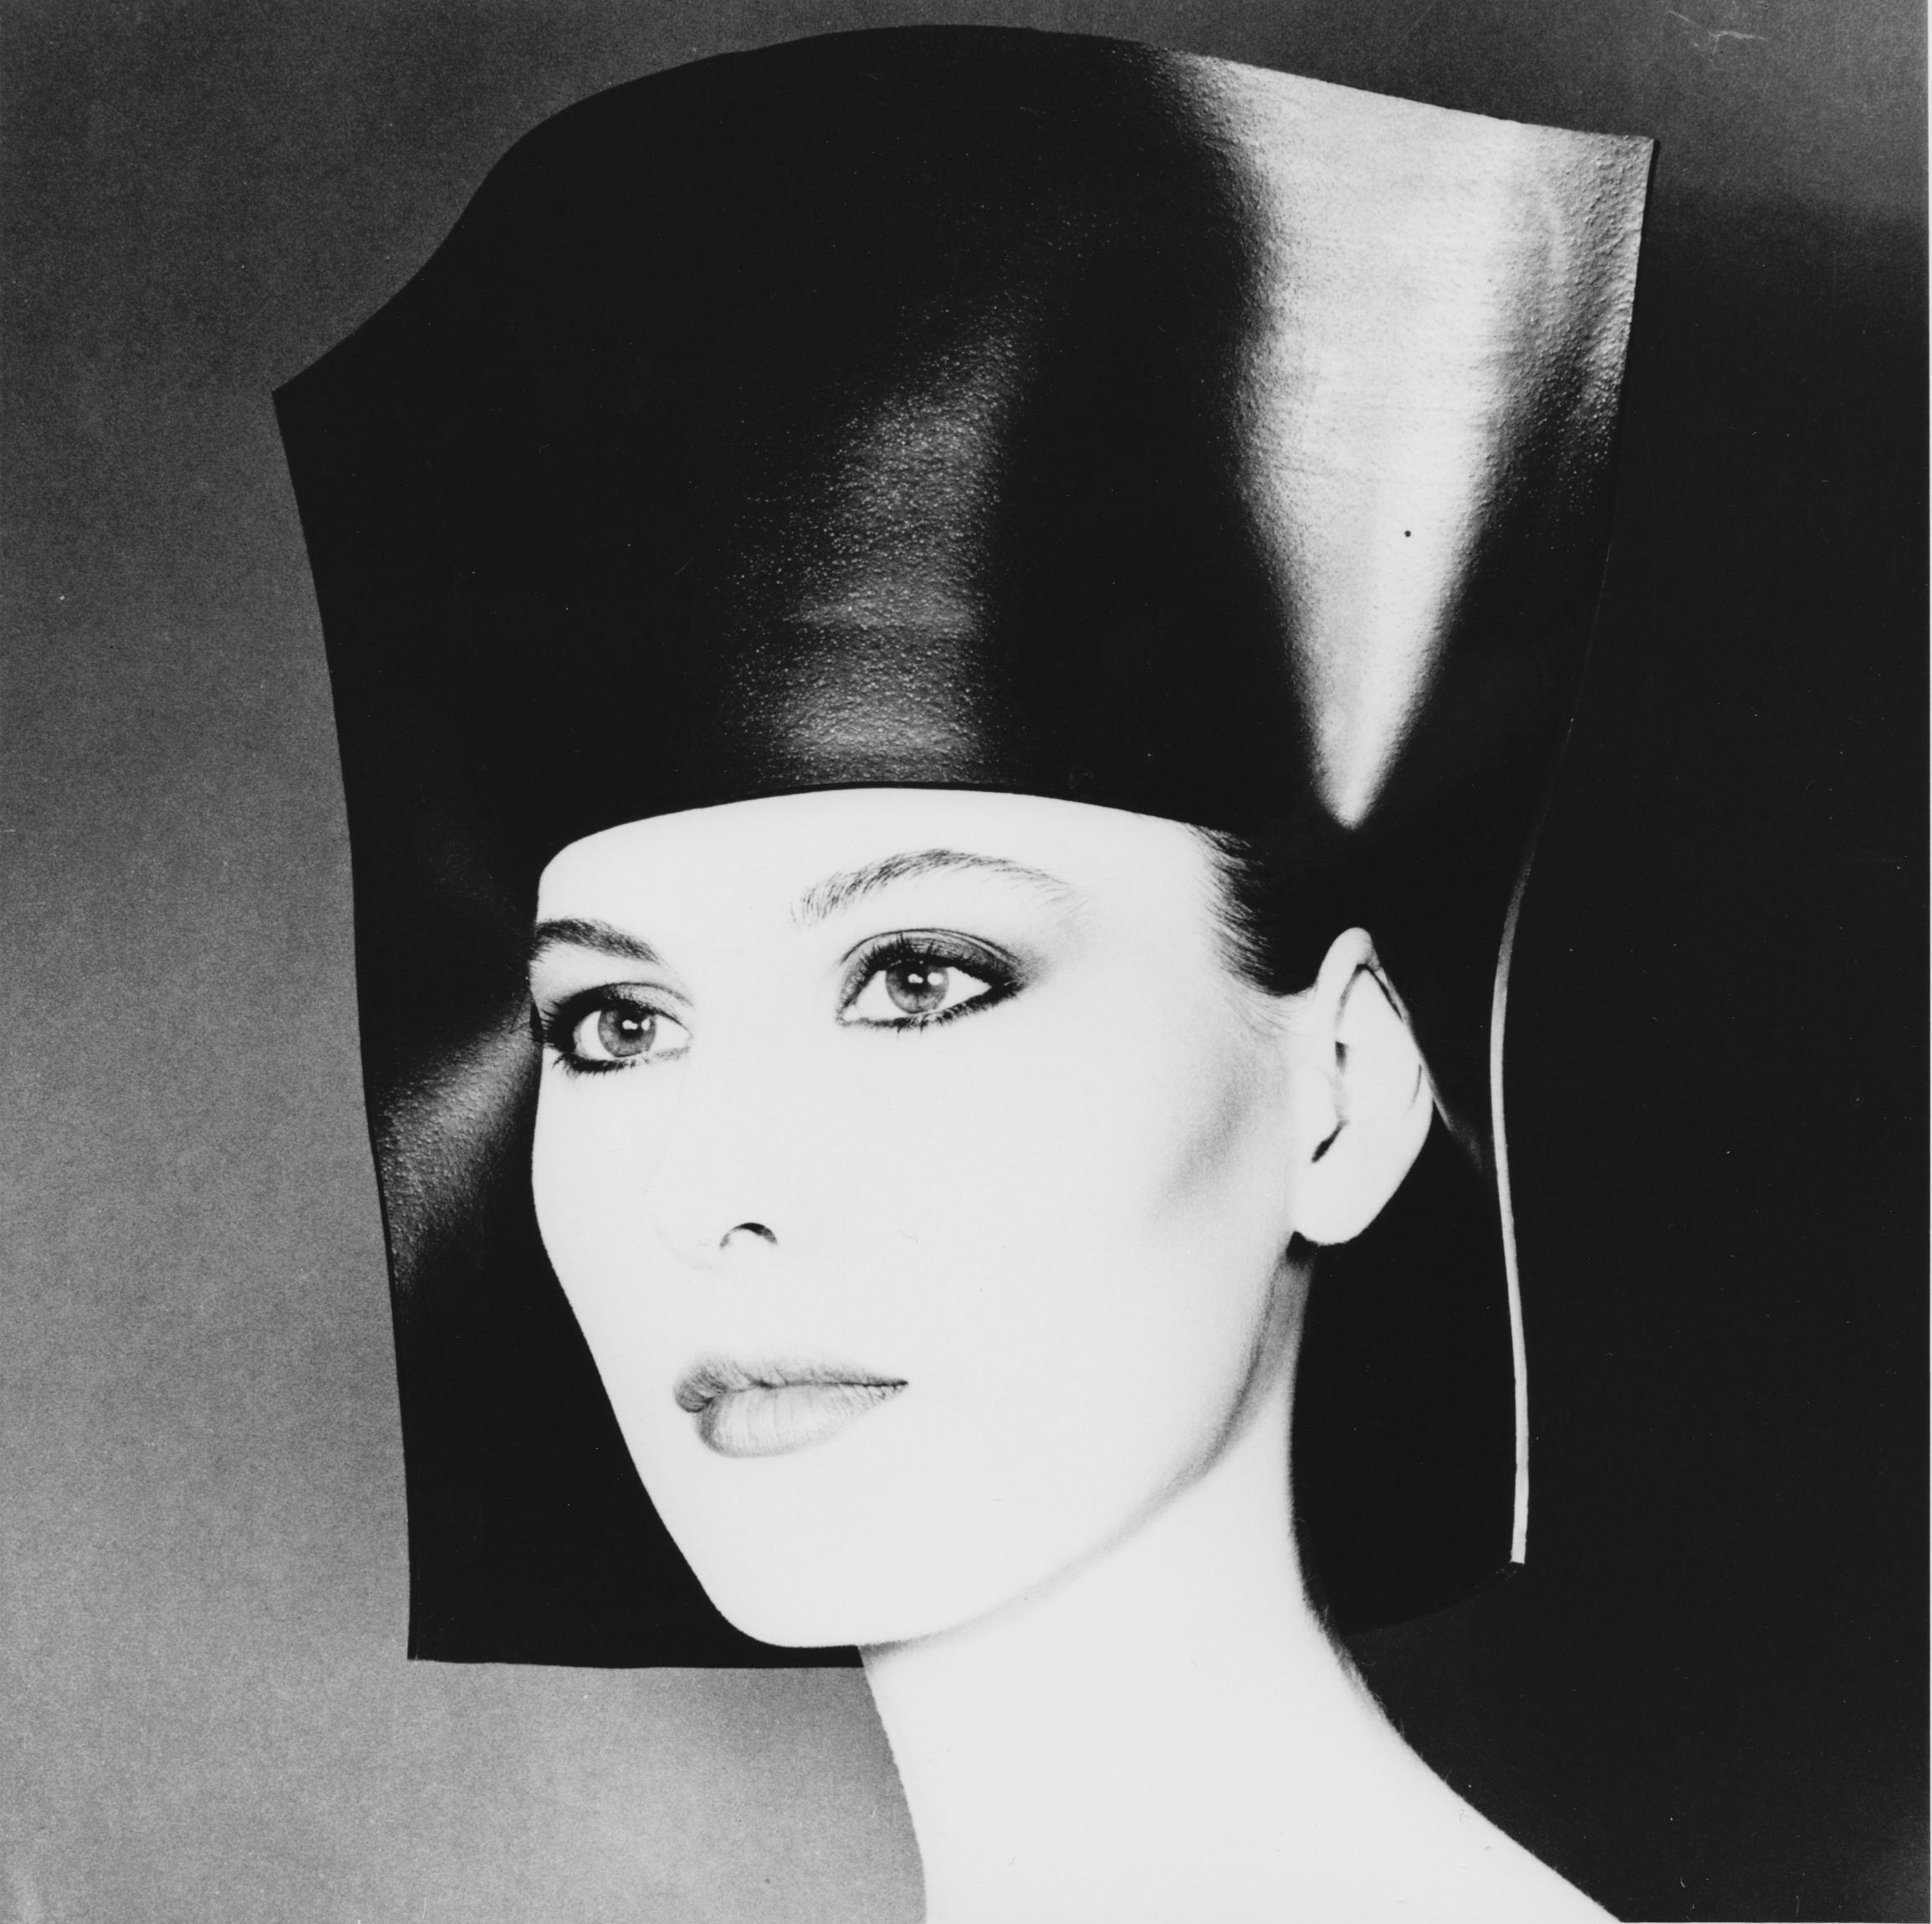 Maria Blaisse, Flexicap 4, 1985-1989